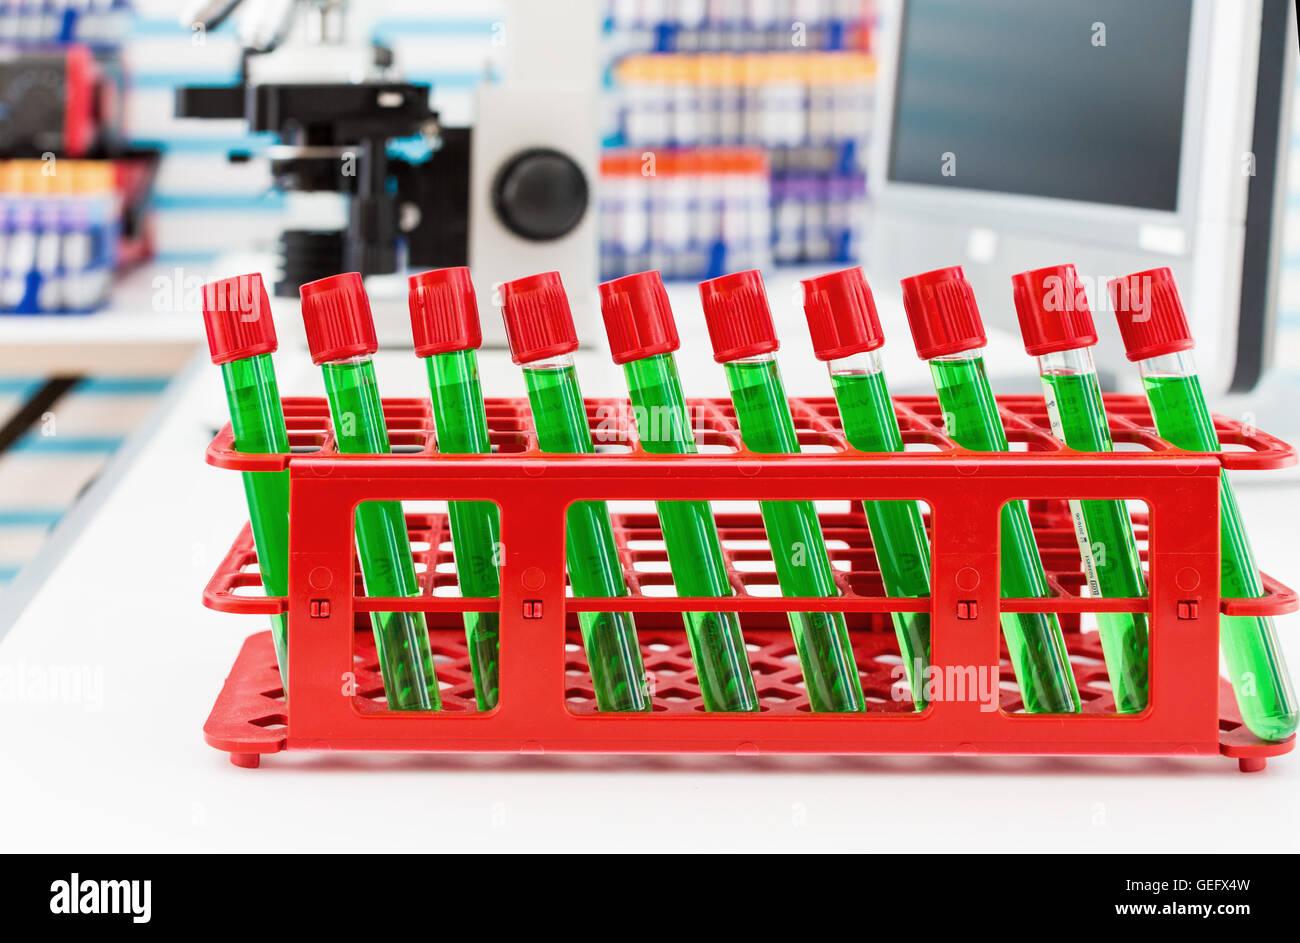 Scientis Stock Photos Amp Scientis Stock Images